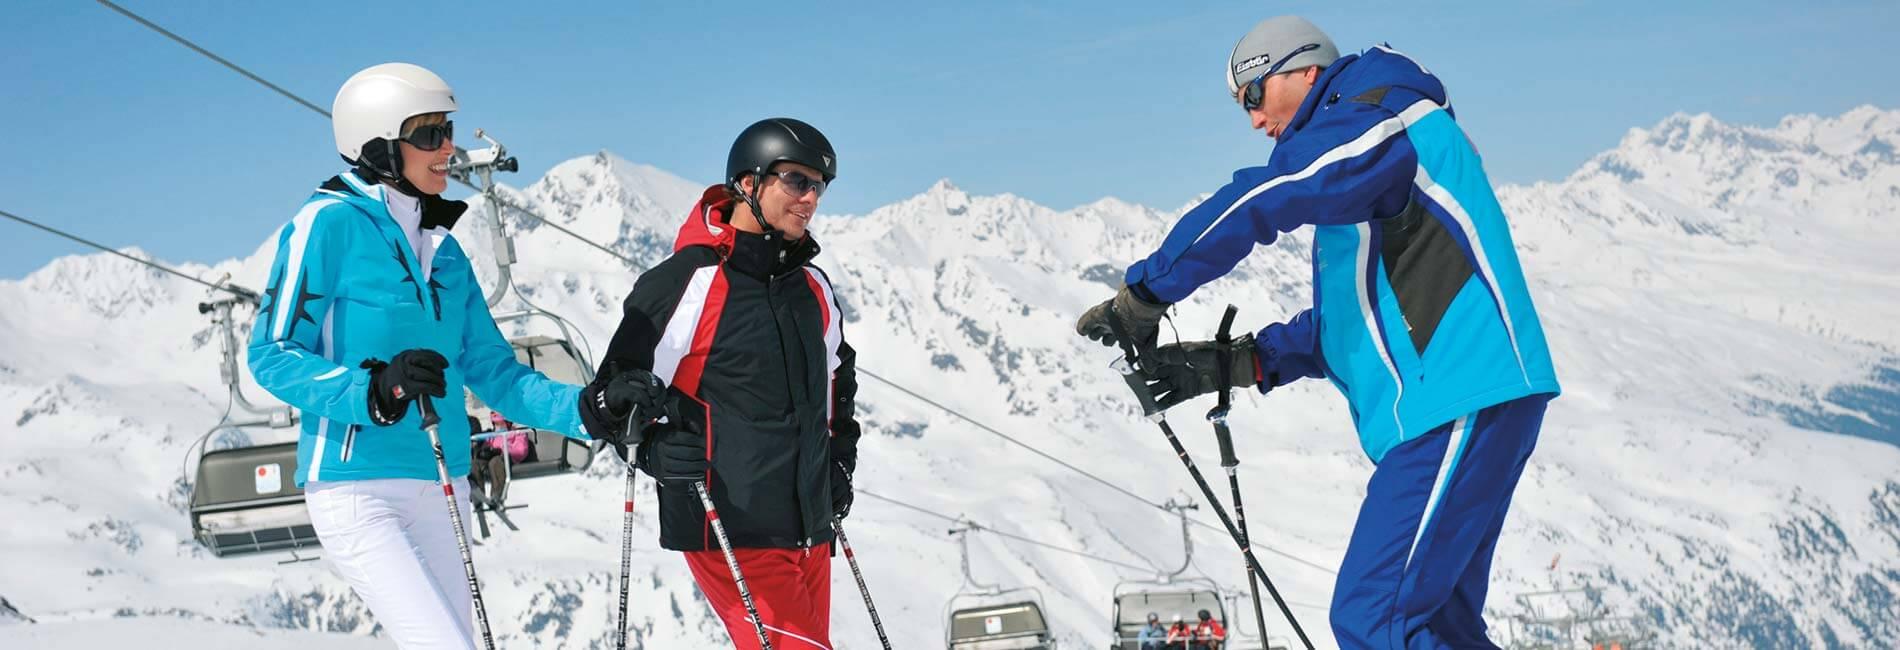 Skischule Hochgurgl TOP Hotel Hochgurgl Schischule Obergurgl Sölden Ötztal